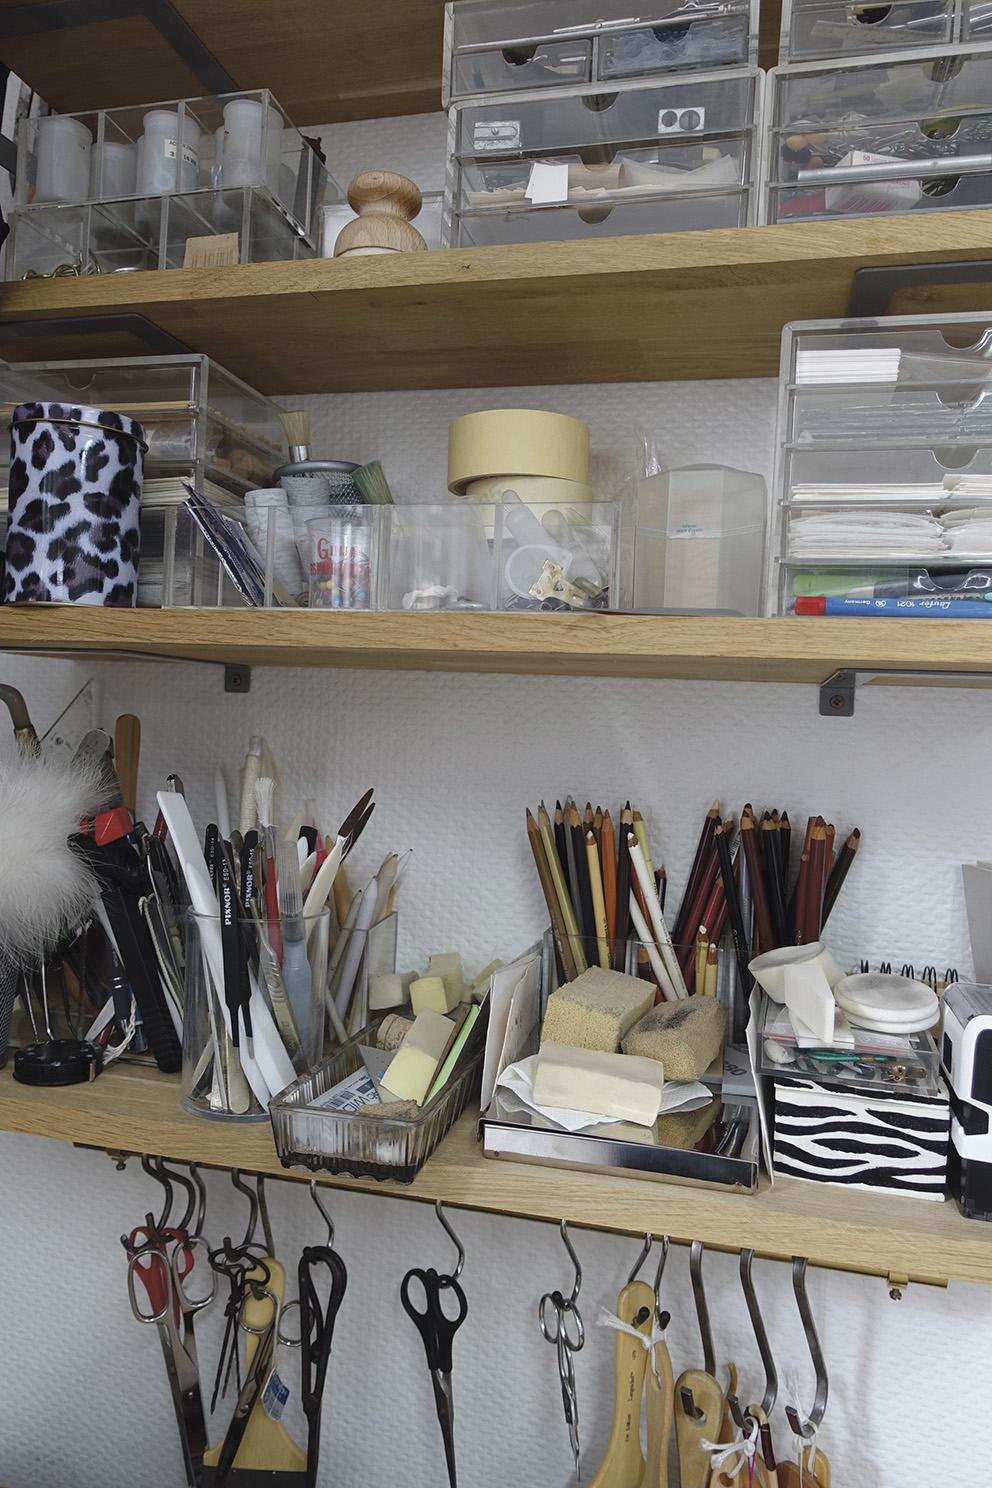 Les principaux outils du conservateur- restaurateur d'art graphique, pinces, spatules, vrilles, scalpel et ciseaux. © Atelier Béatrice de